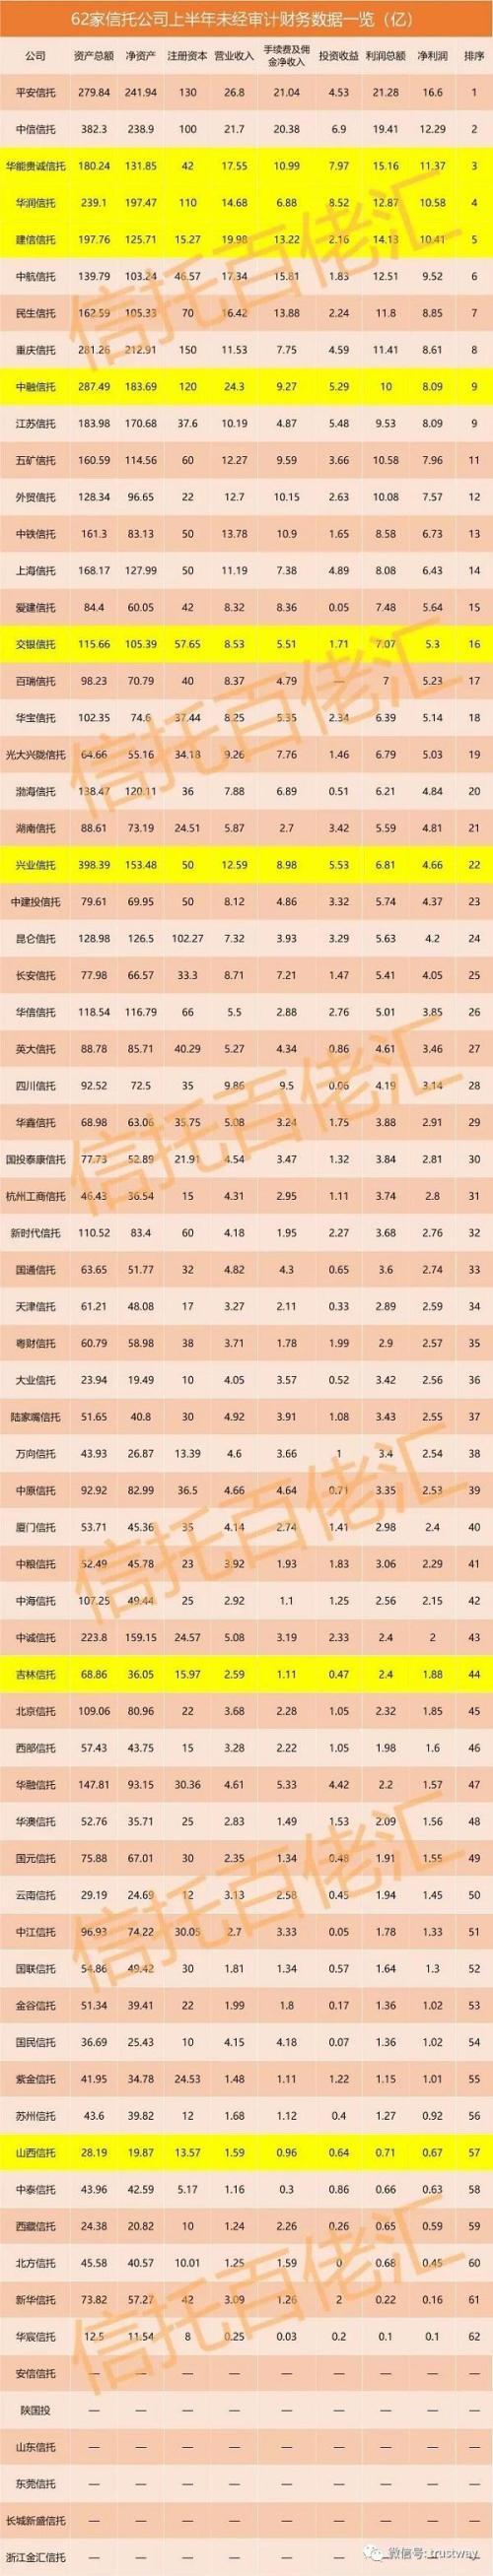 2018年上半年62家书托公司净盈利排名 装置然中信华能位列前叁